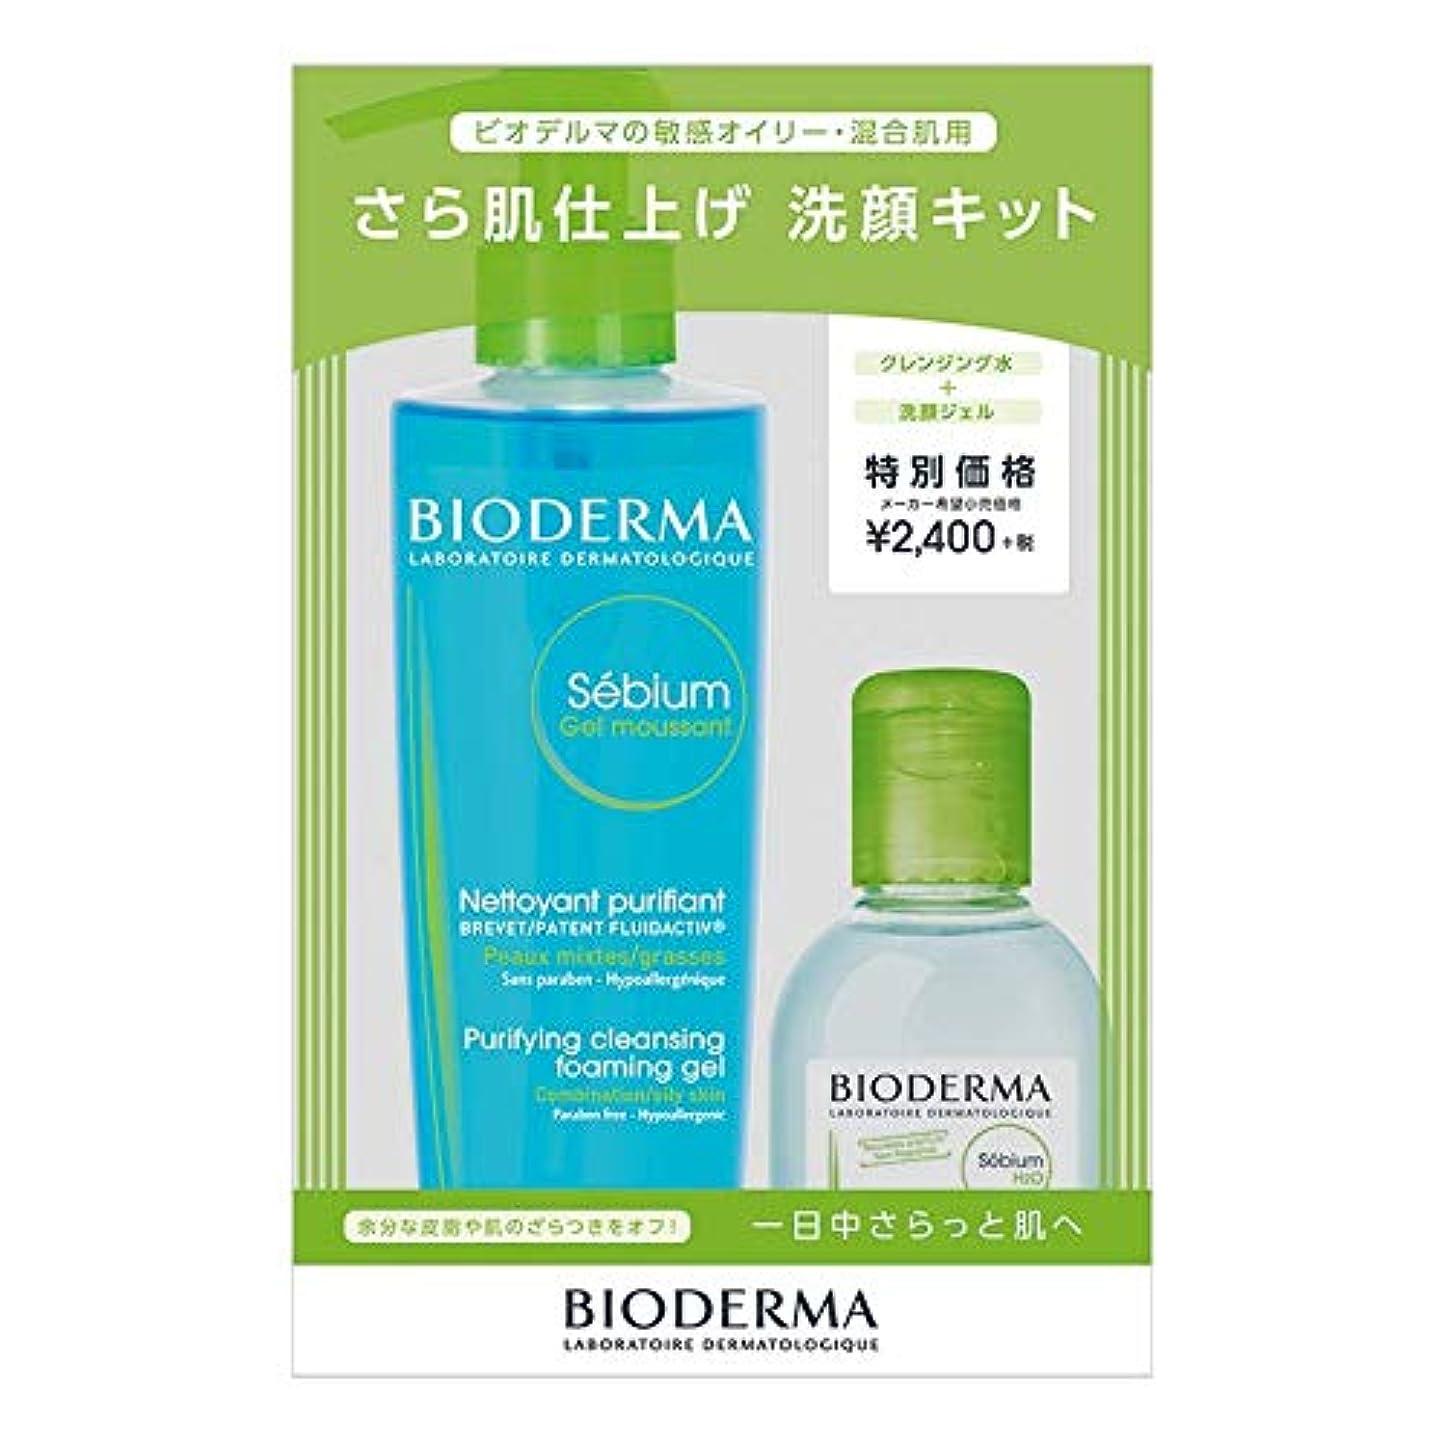 吐くオフサロンビオデルマ セビウム サラハダシアゲ センガンキット 洗顔 セット 200g+100ml